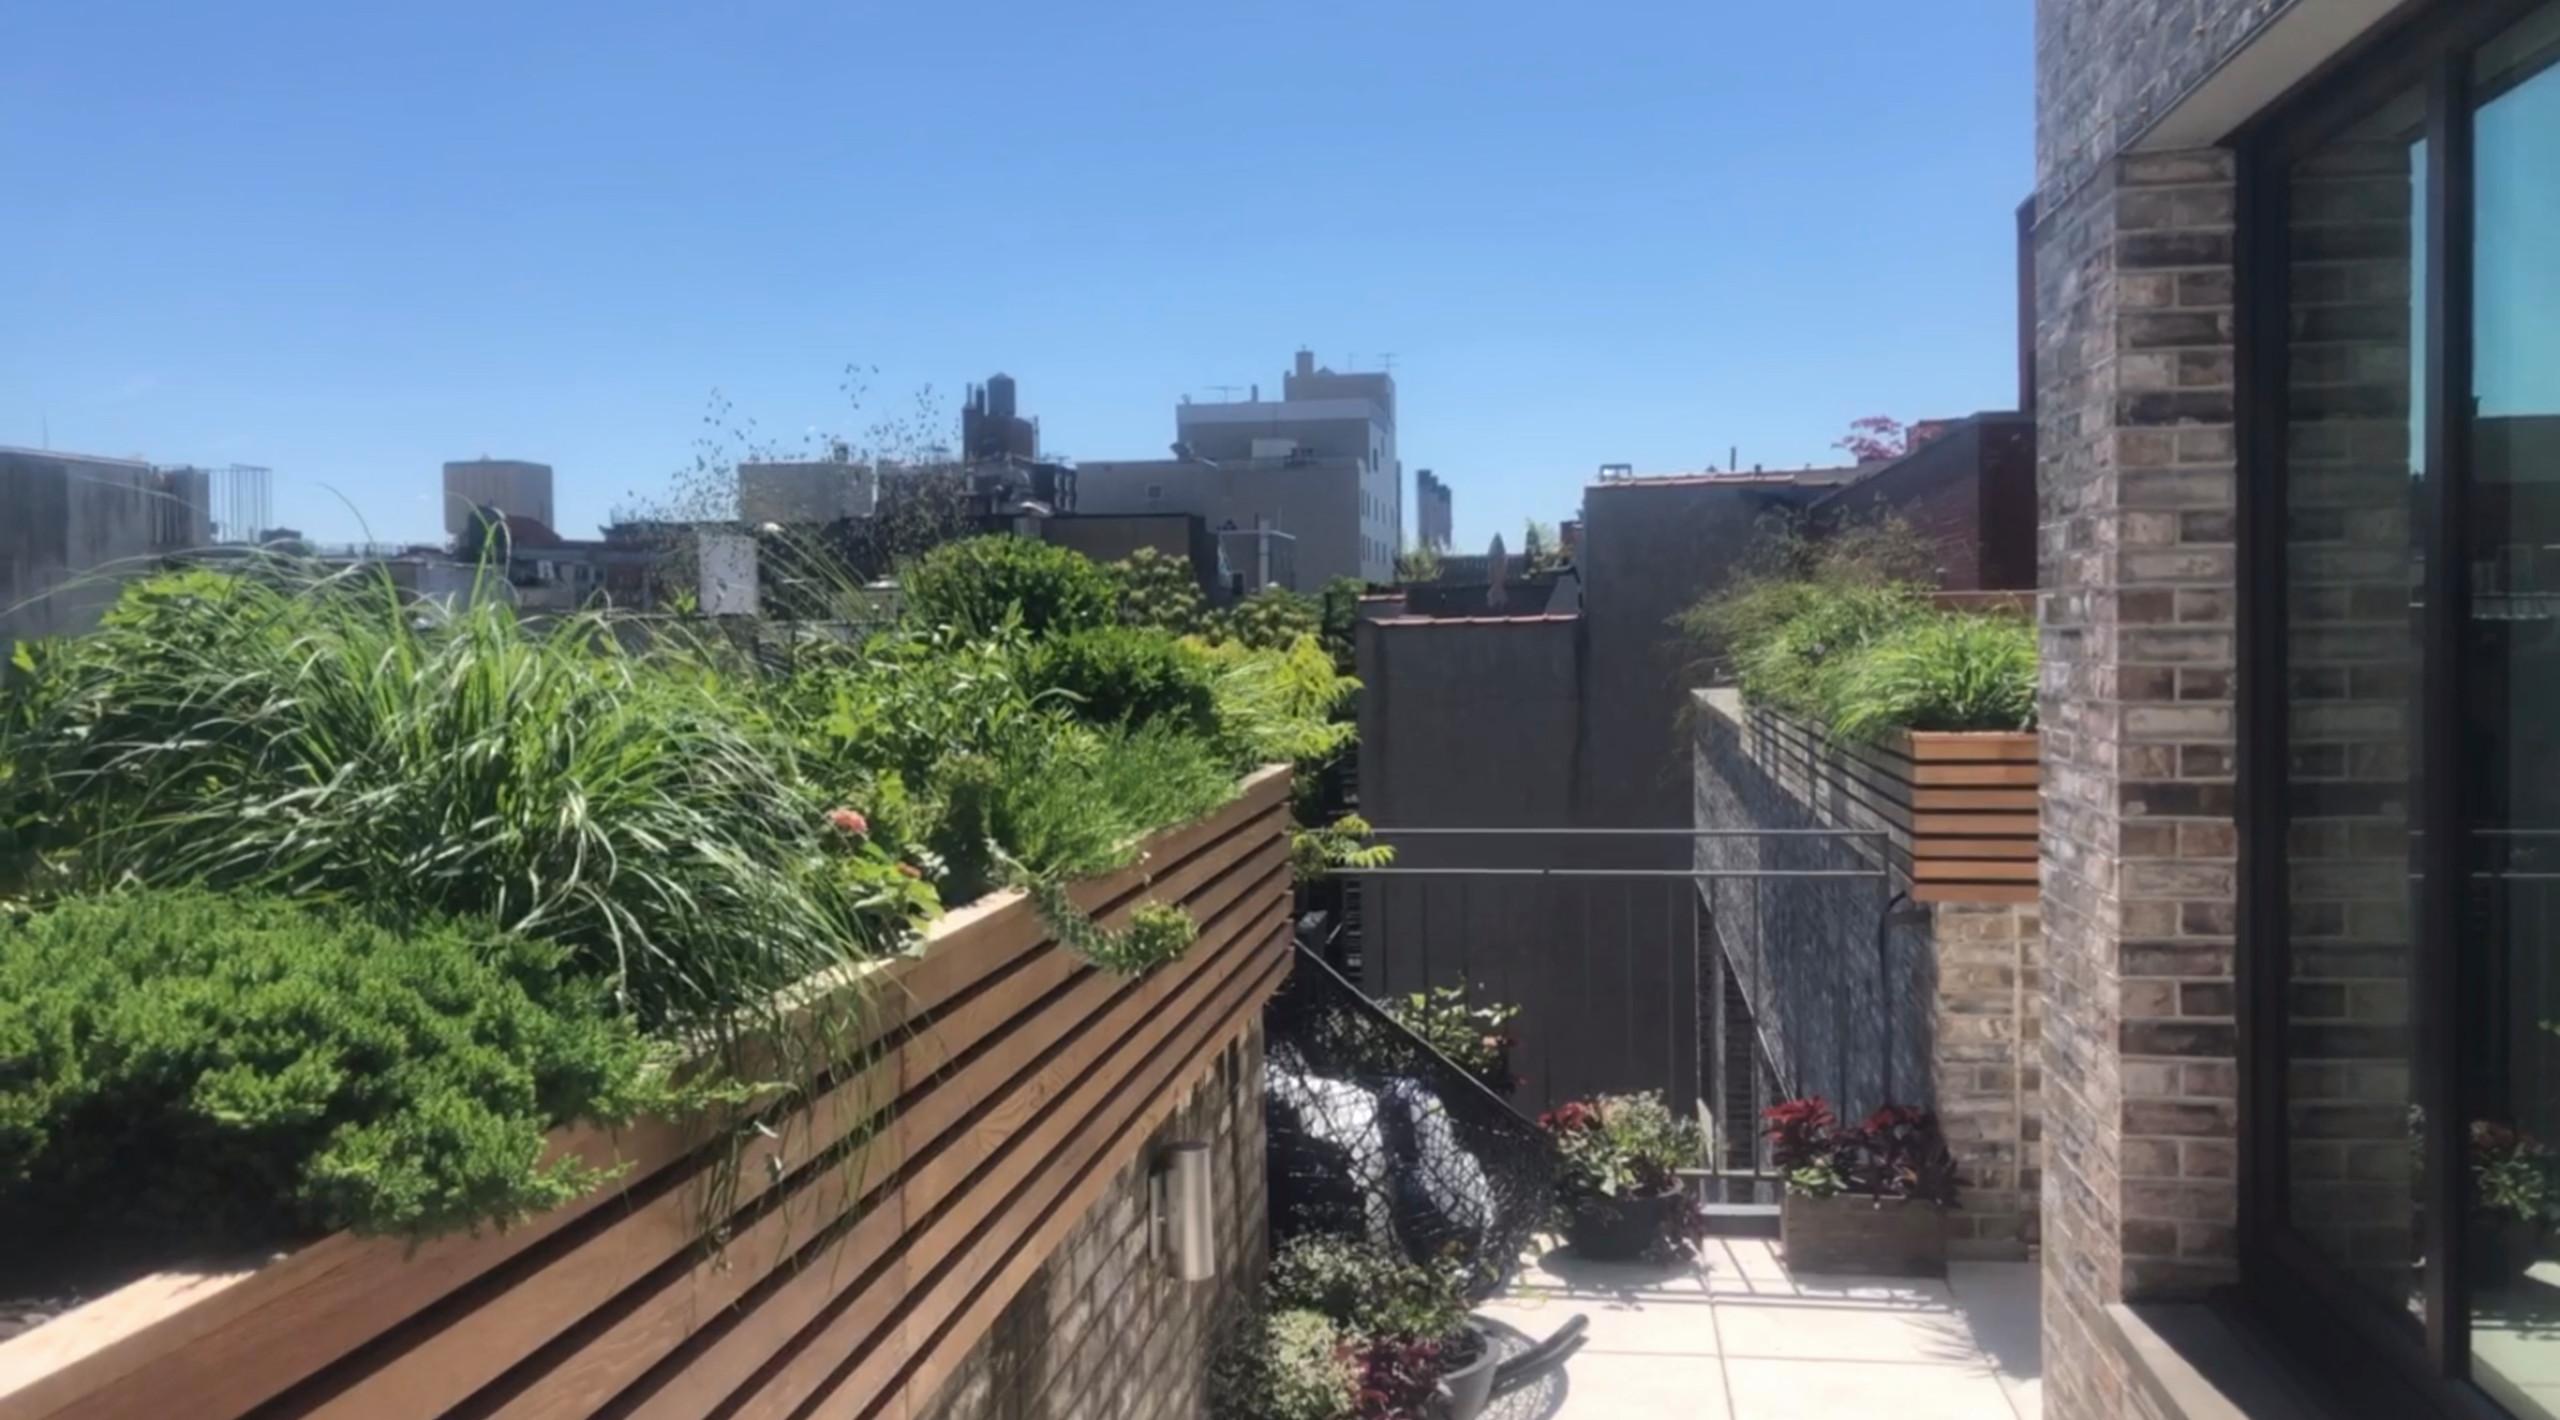 East Village Terrace